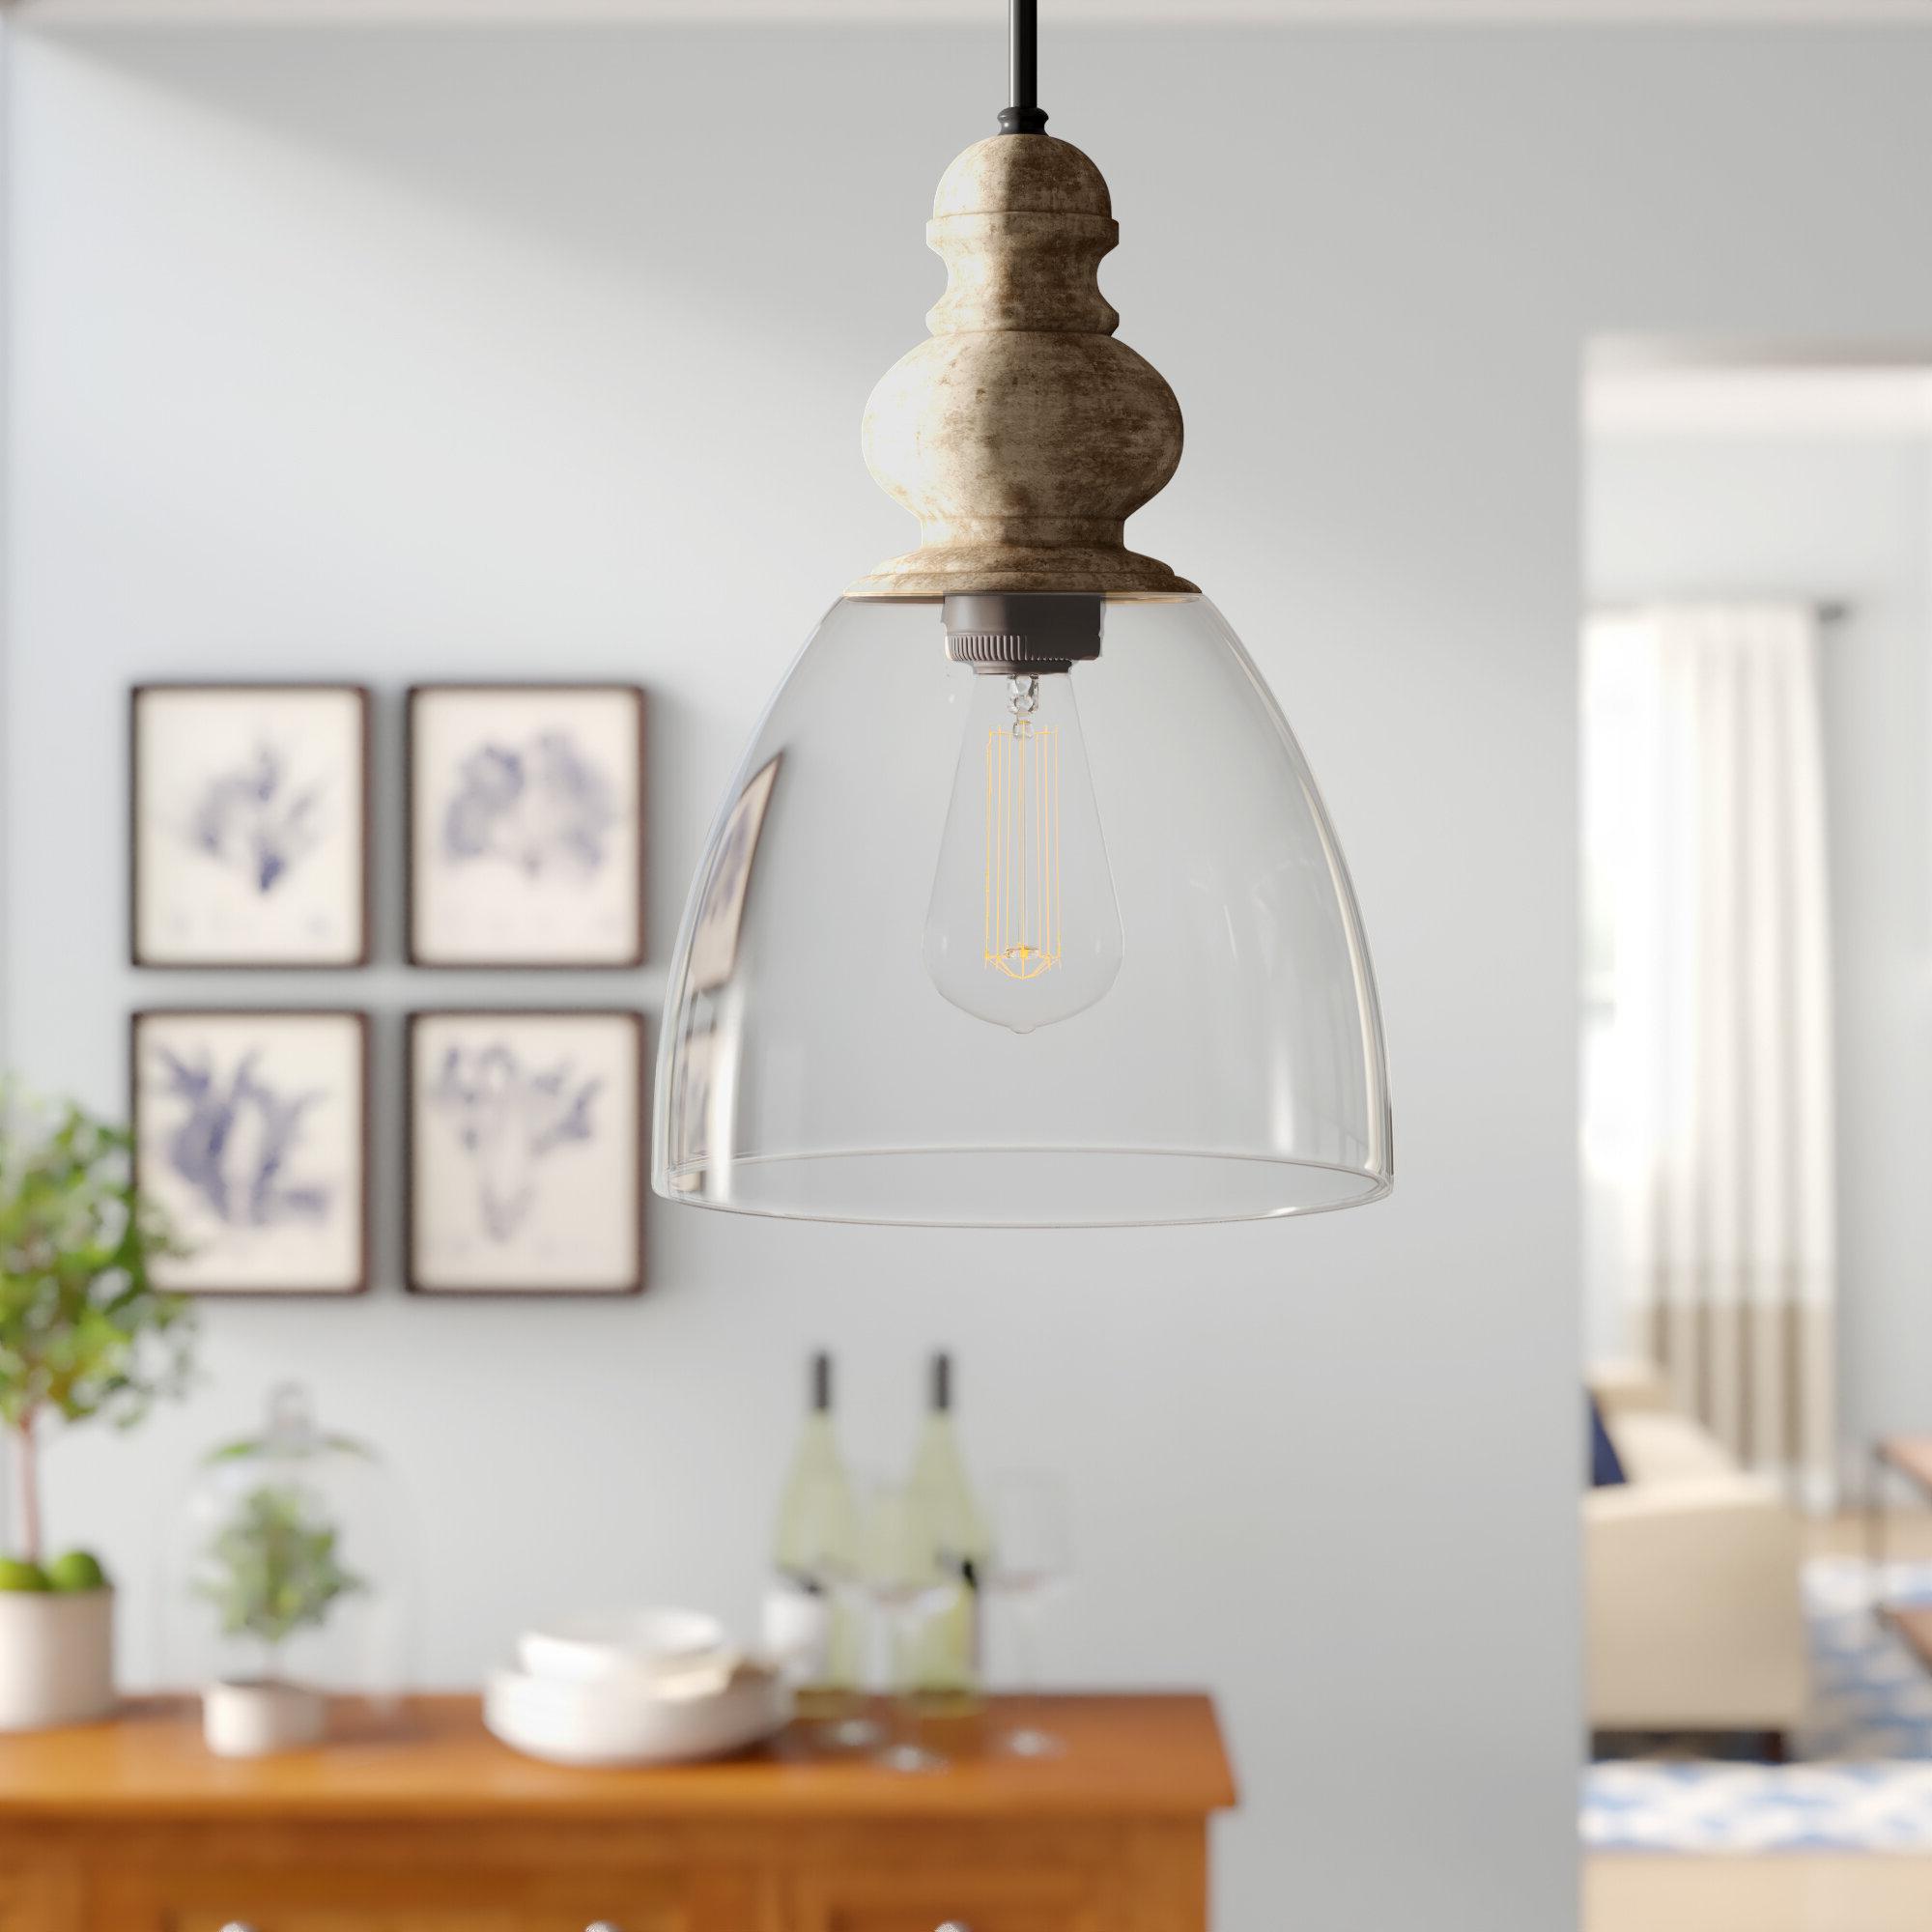 Lemelle 1 Light Single Bell Pendant In Preferred Goldie 1 Light Single Bell Pendants (View 6 of 20)